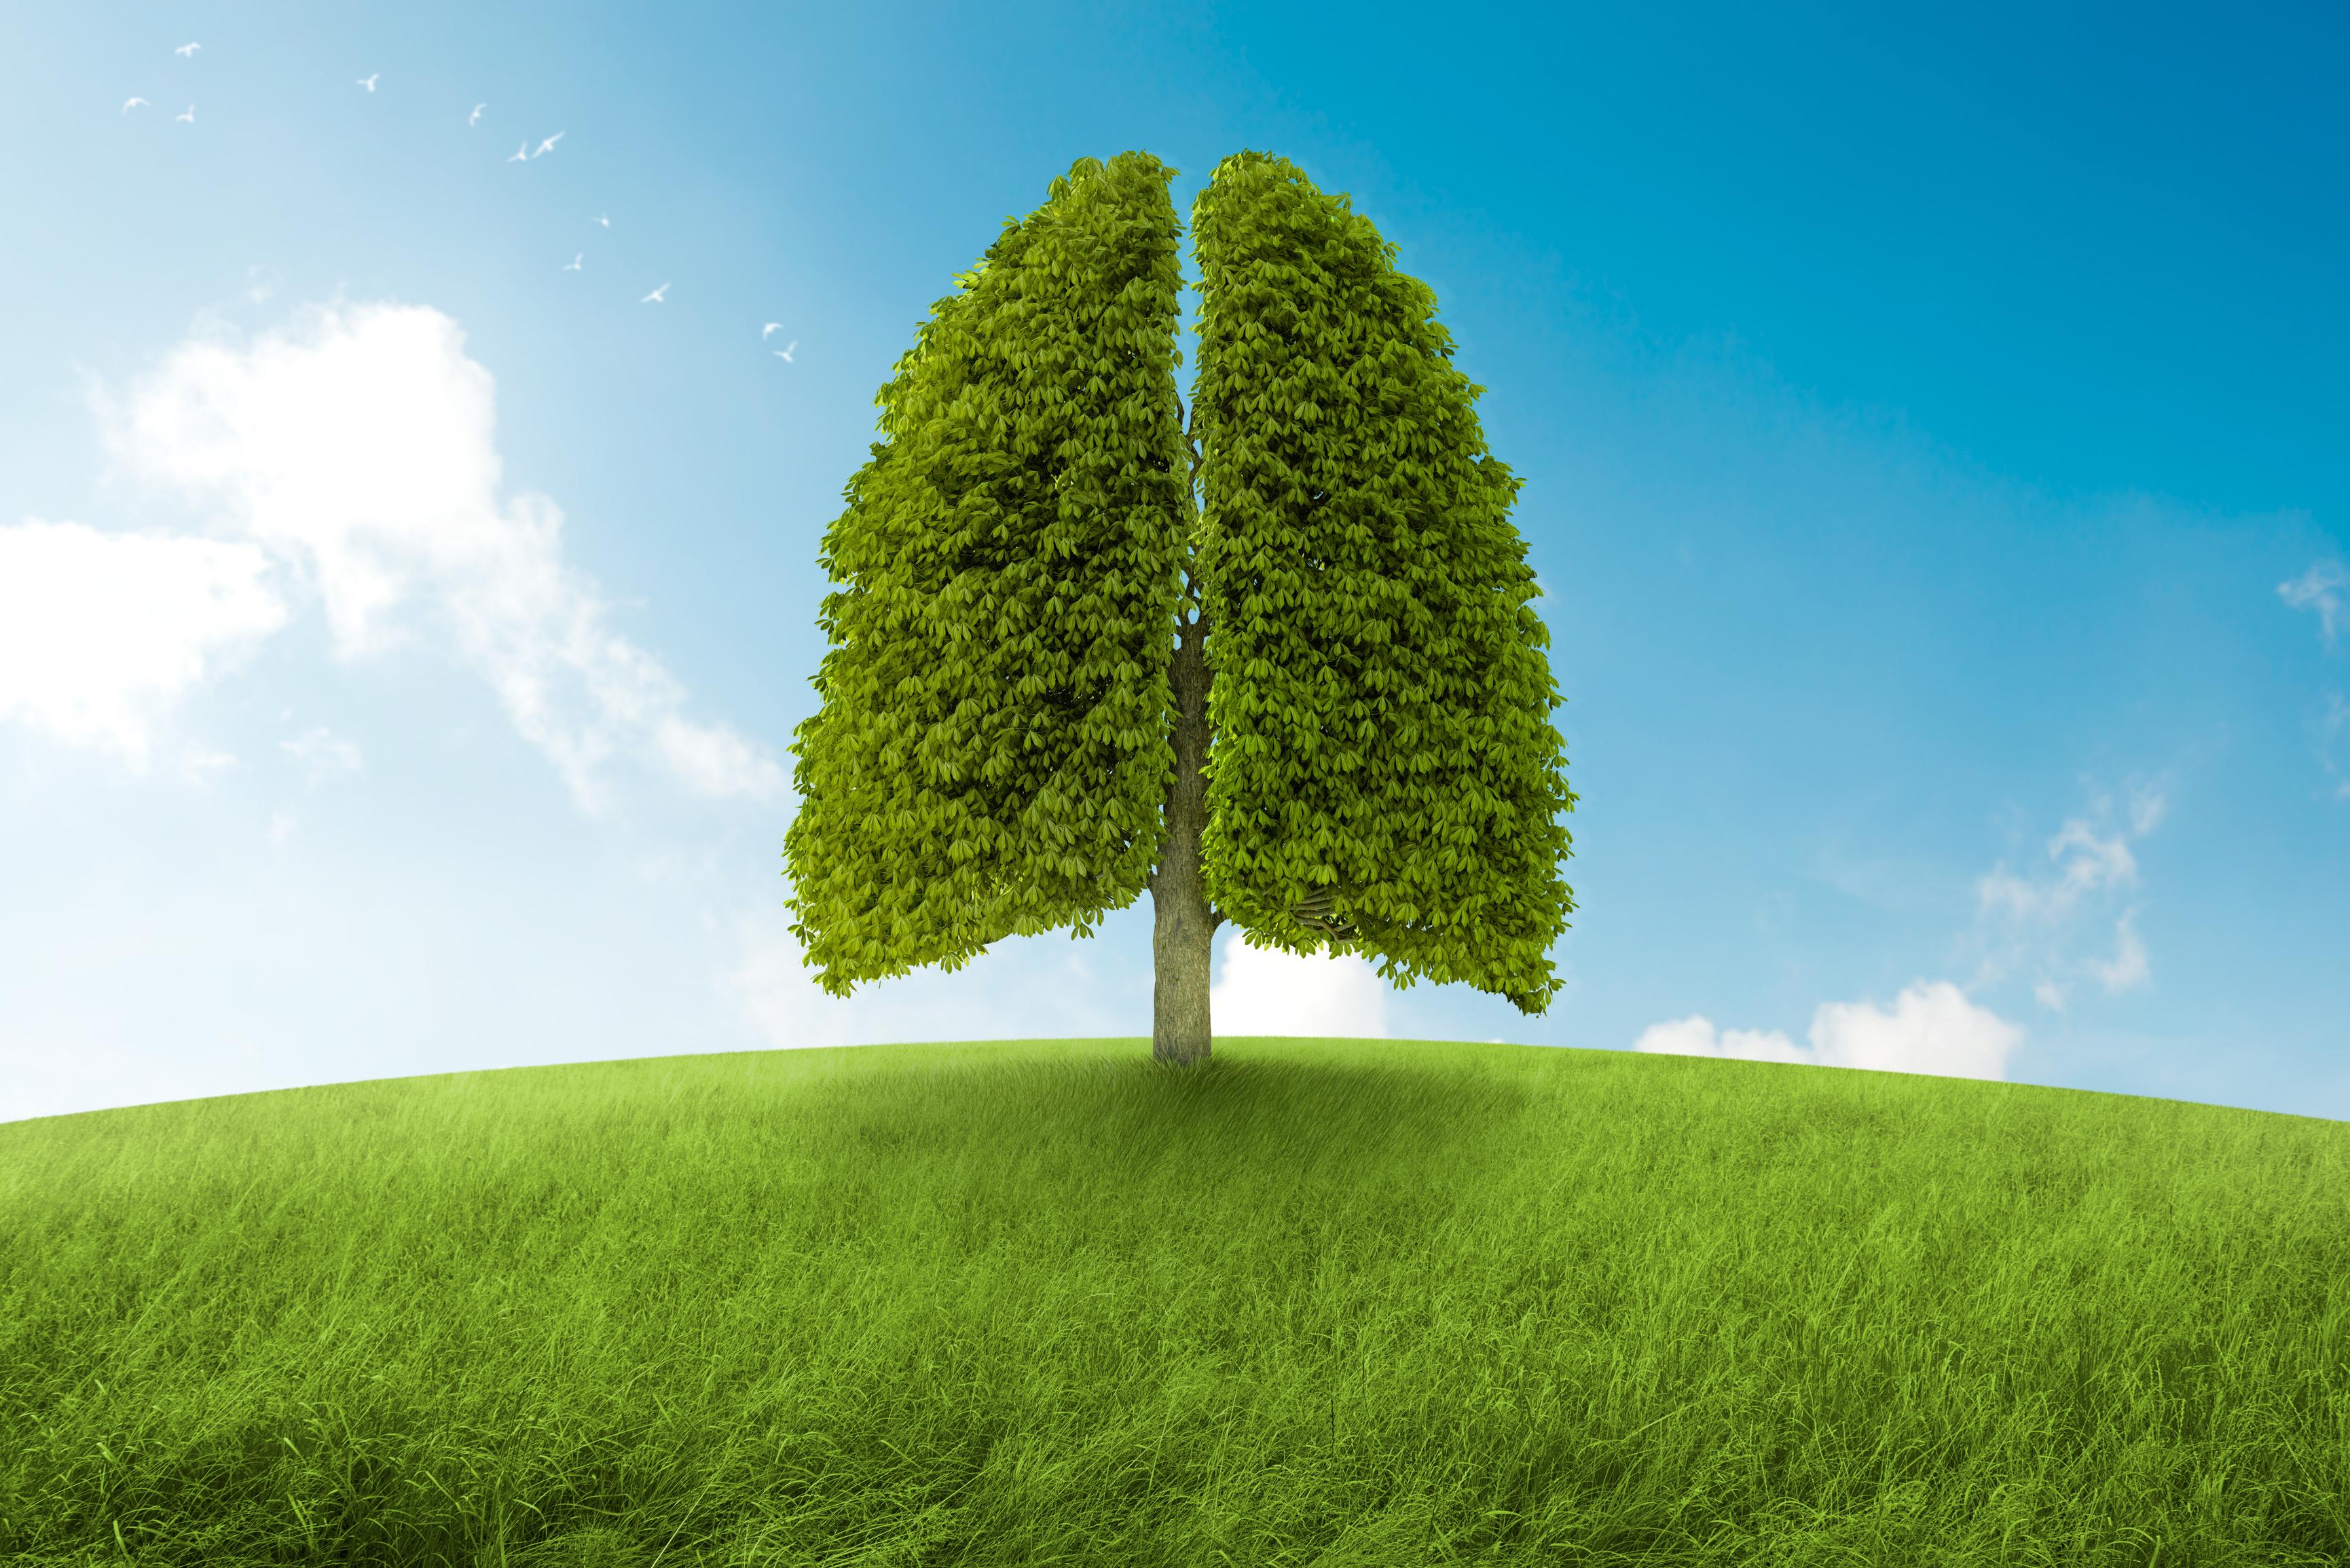 πνεύμονες δέντρο